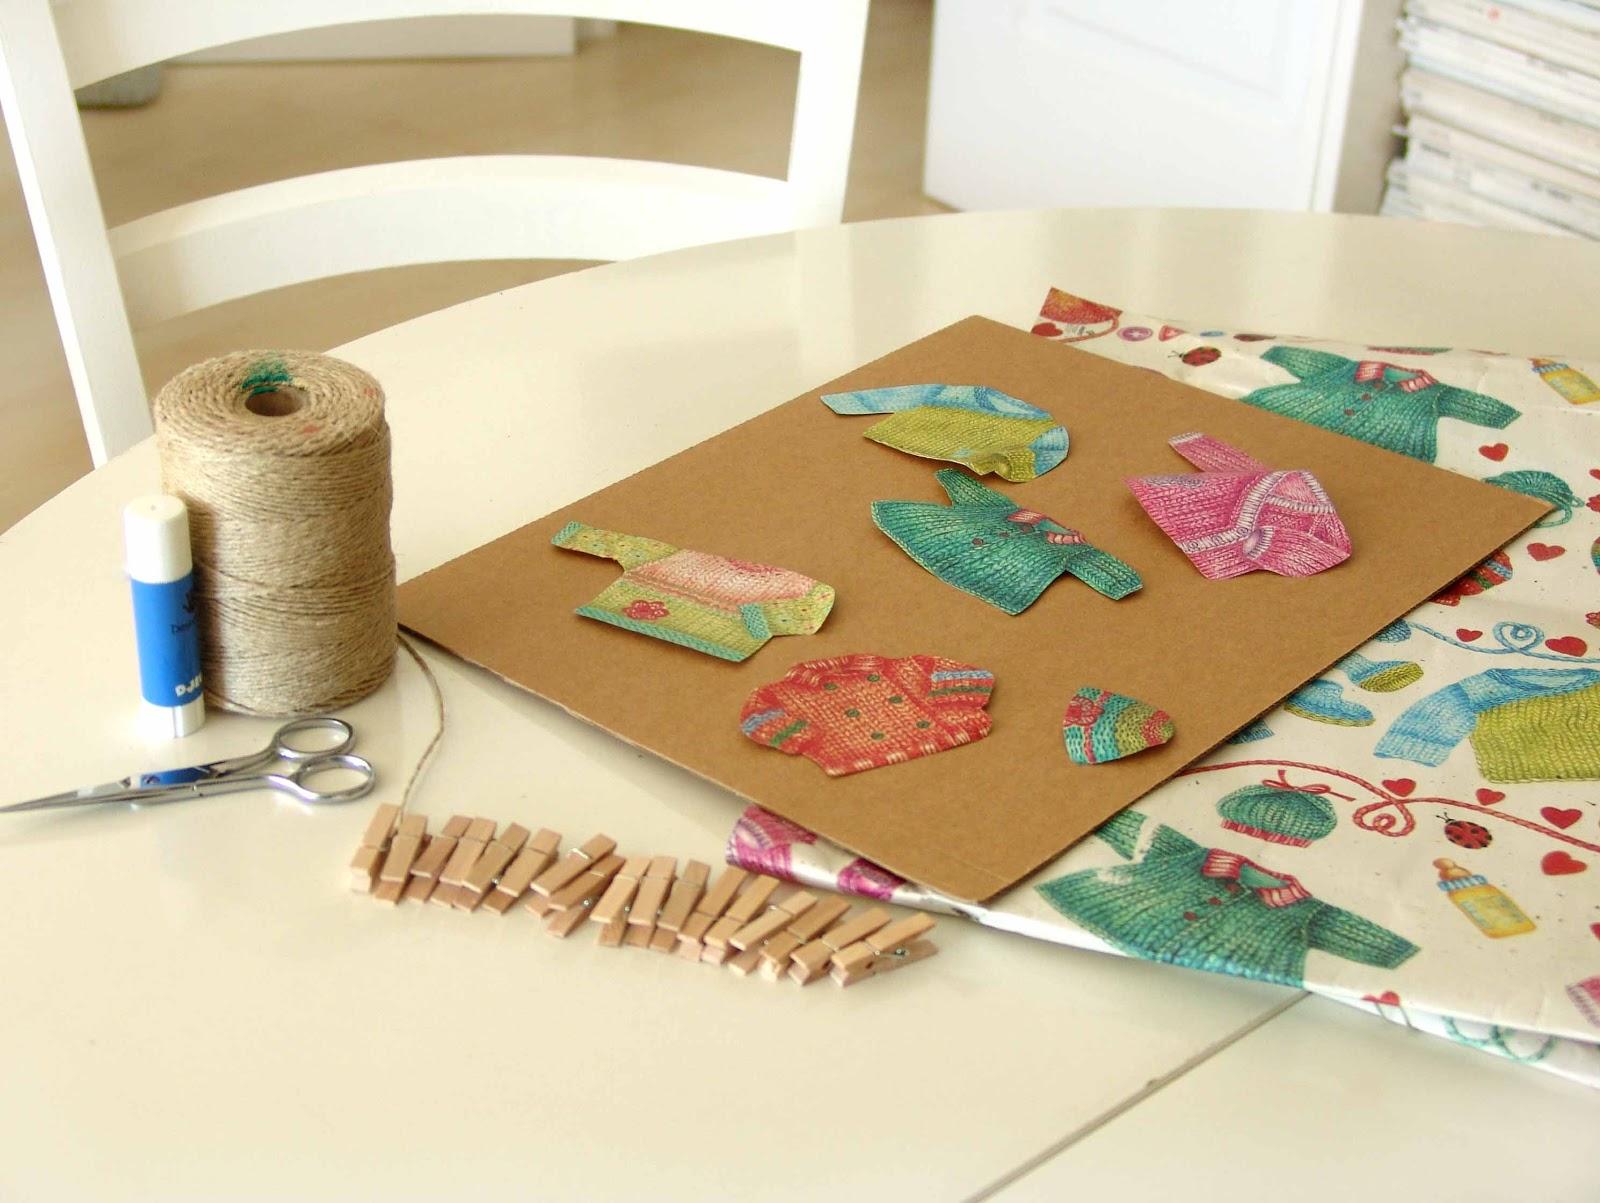 Lalibelula adornos de navidad hechos con carton for Adornos de navidad con carton